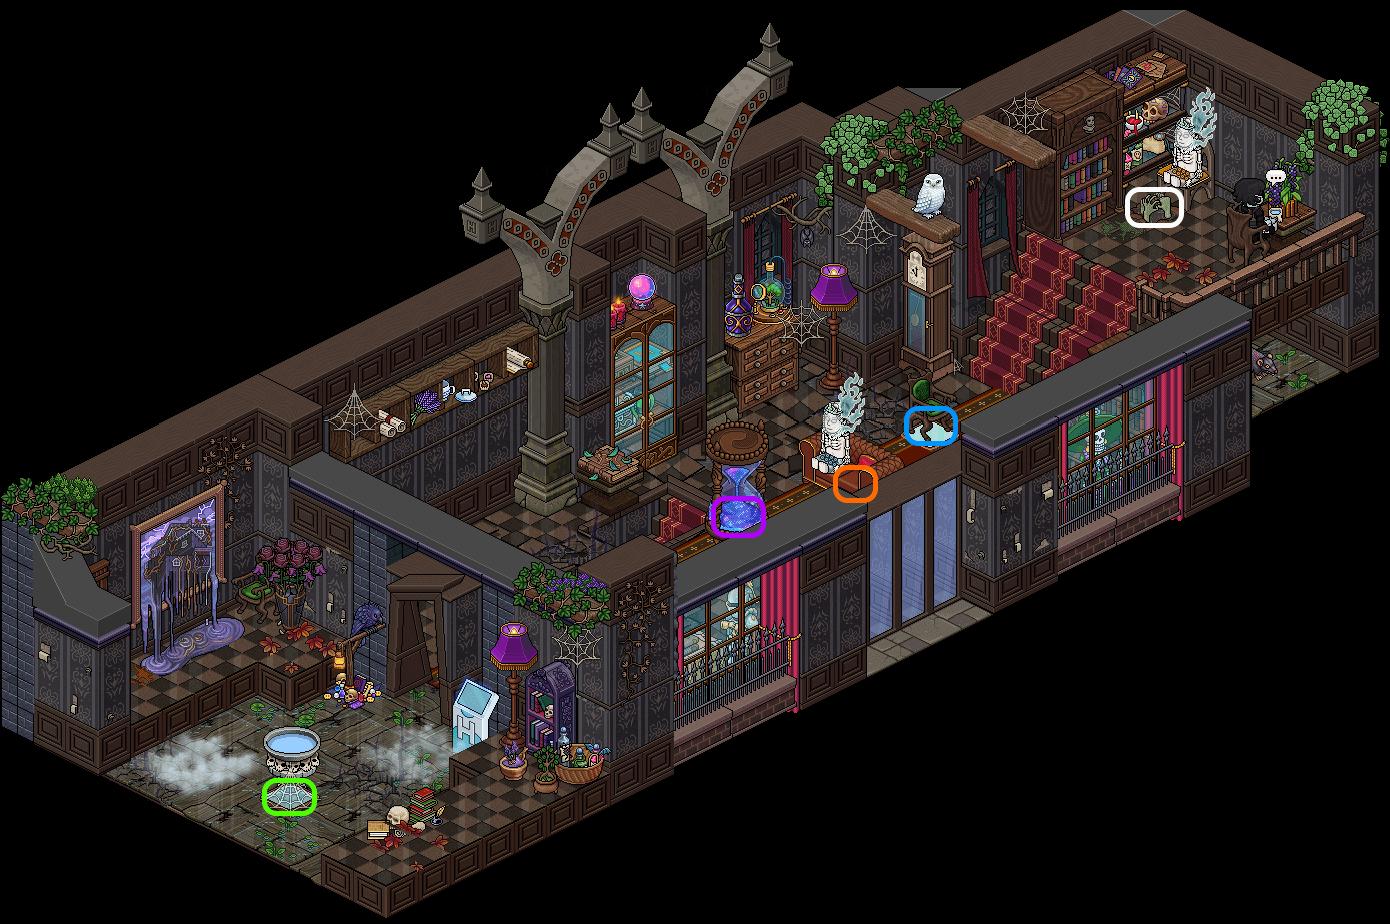 [HIH] Maison Impossible - Fantômes Solitaires